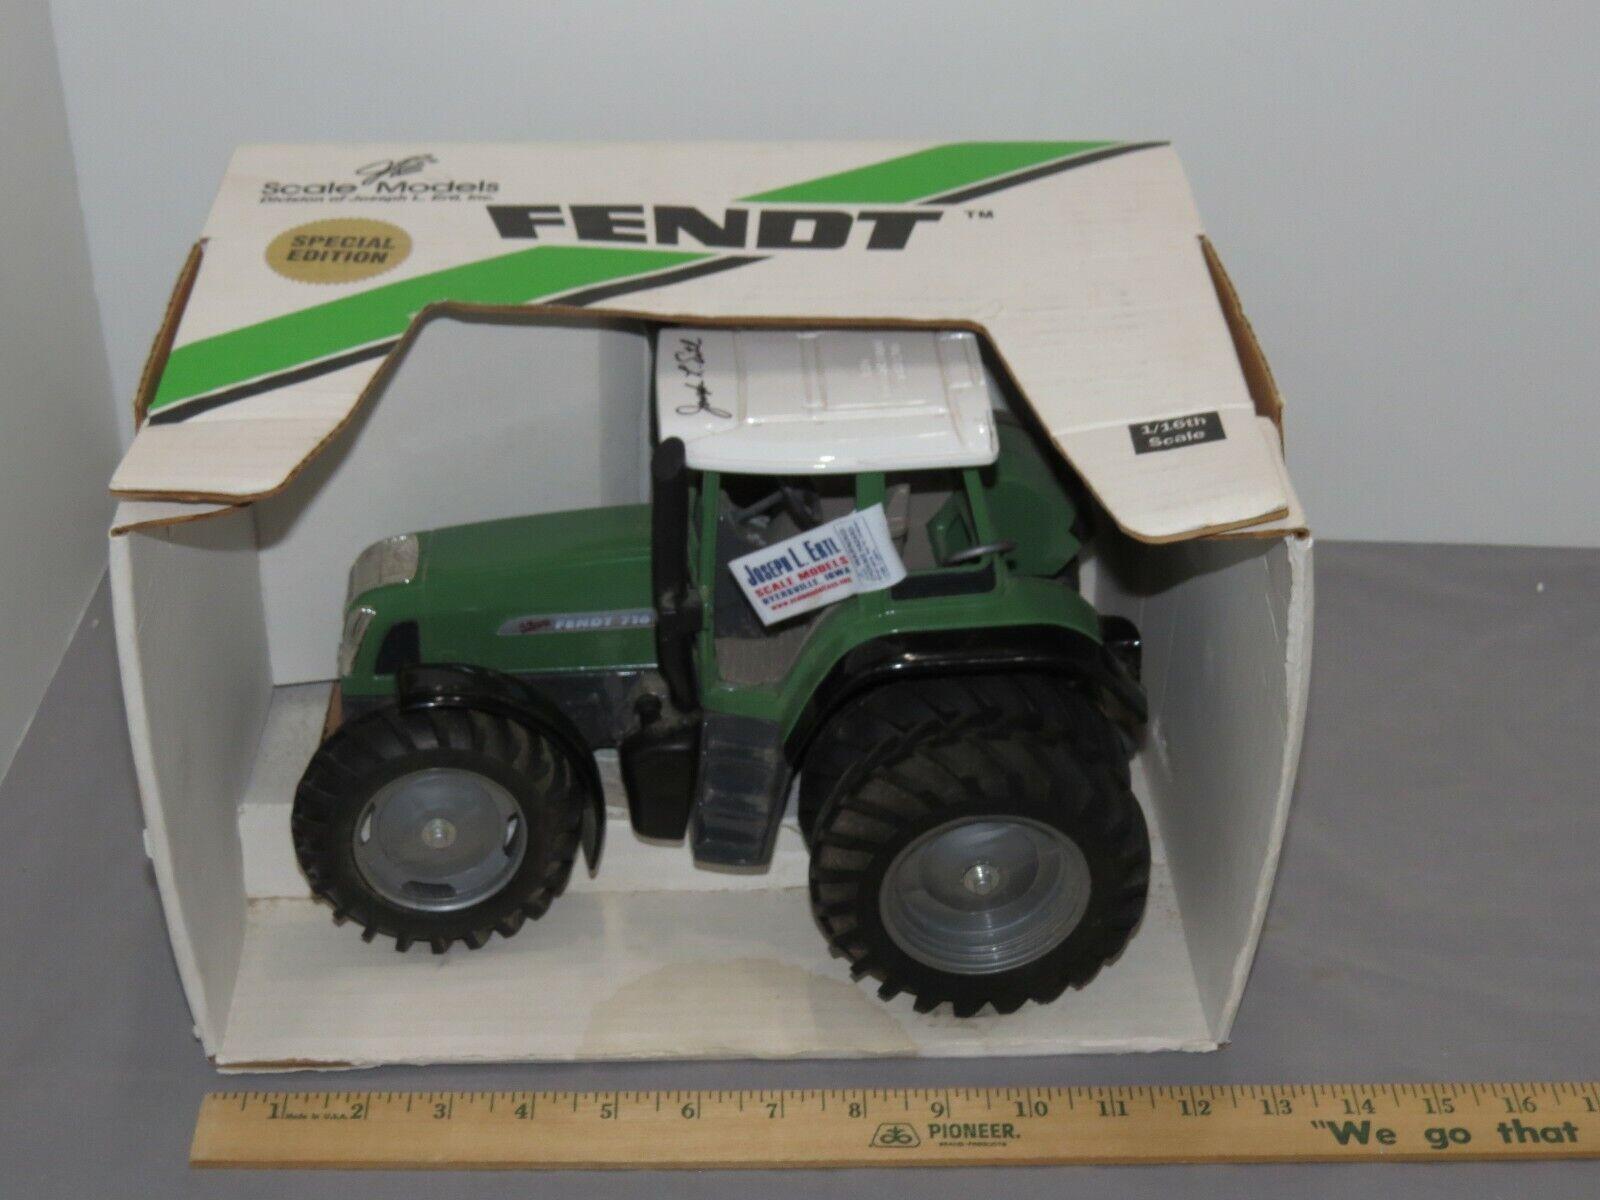 modellolo Fendt 716 Trattore Giocattolo 1 16 modellololi in scala Giocattolo Trattore Nuovo in Scatola pesanti  DUAL GOMME